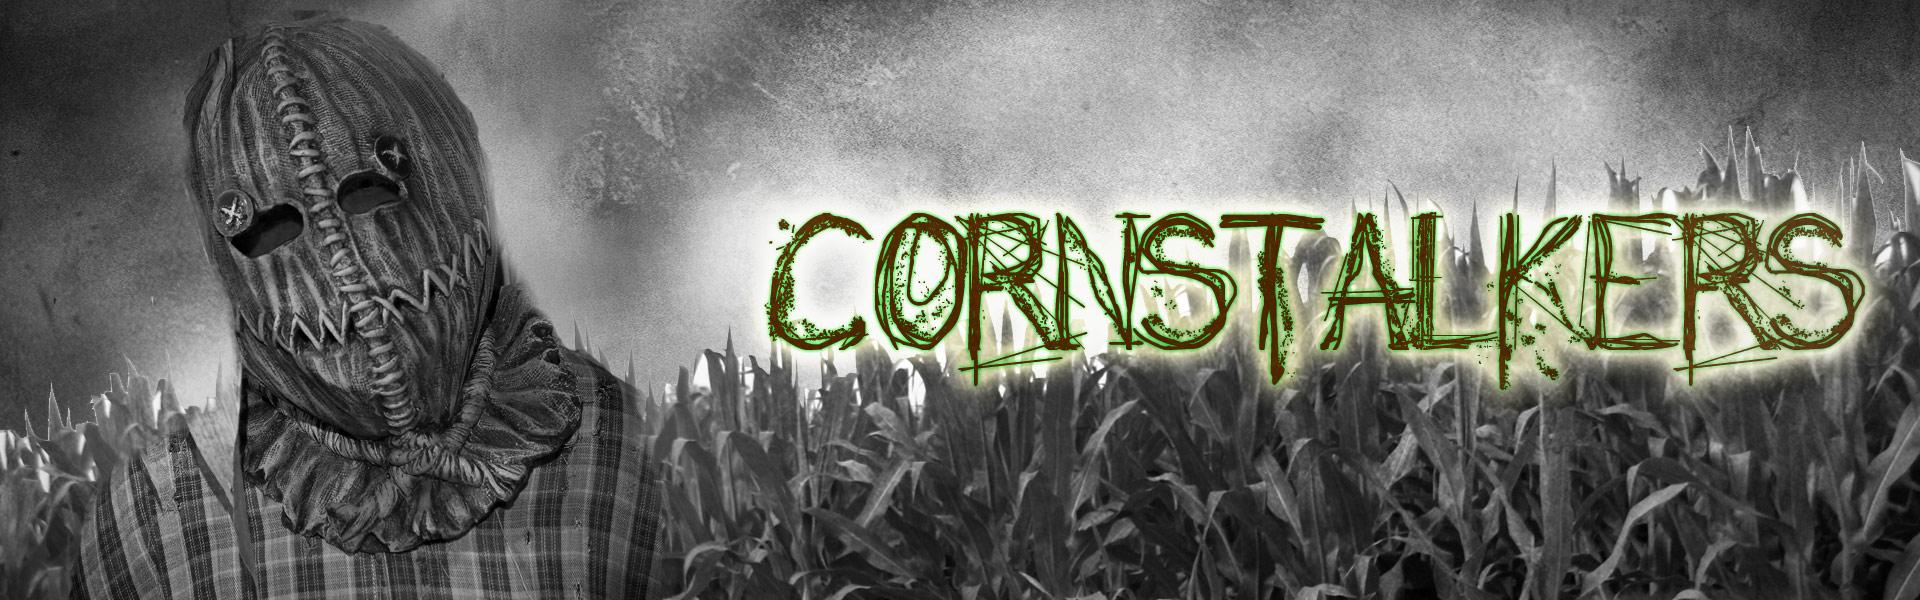 cw_cornstalkers_header